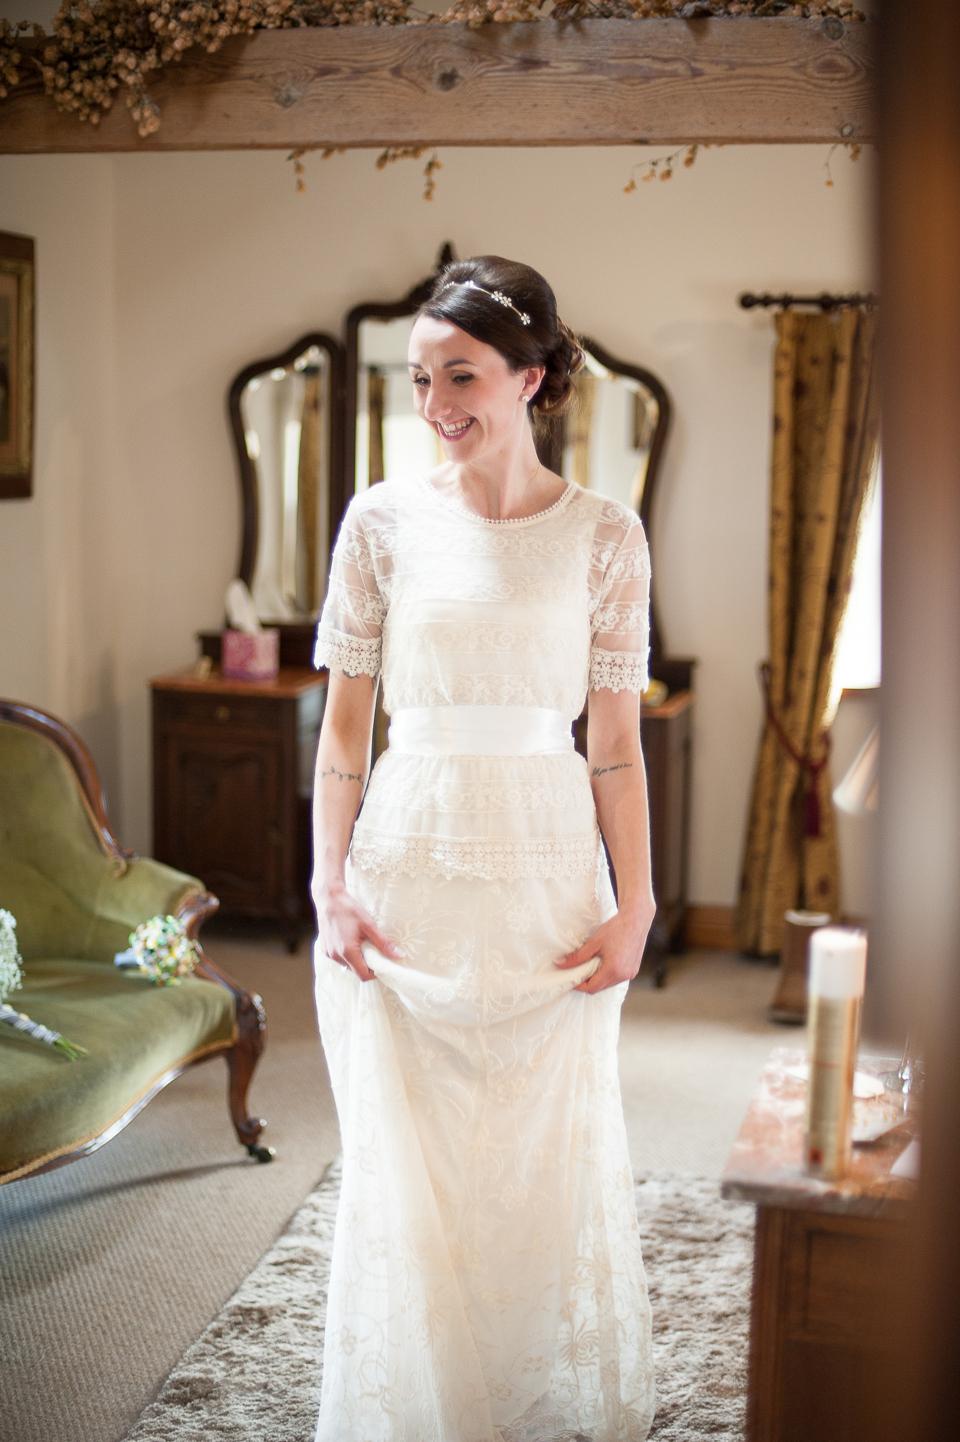 Diy Wedding Dress.A Zara Wedding Dress For A Diy And Handcrafted Spring Yellow Wedding